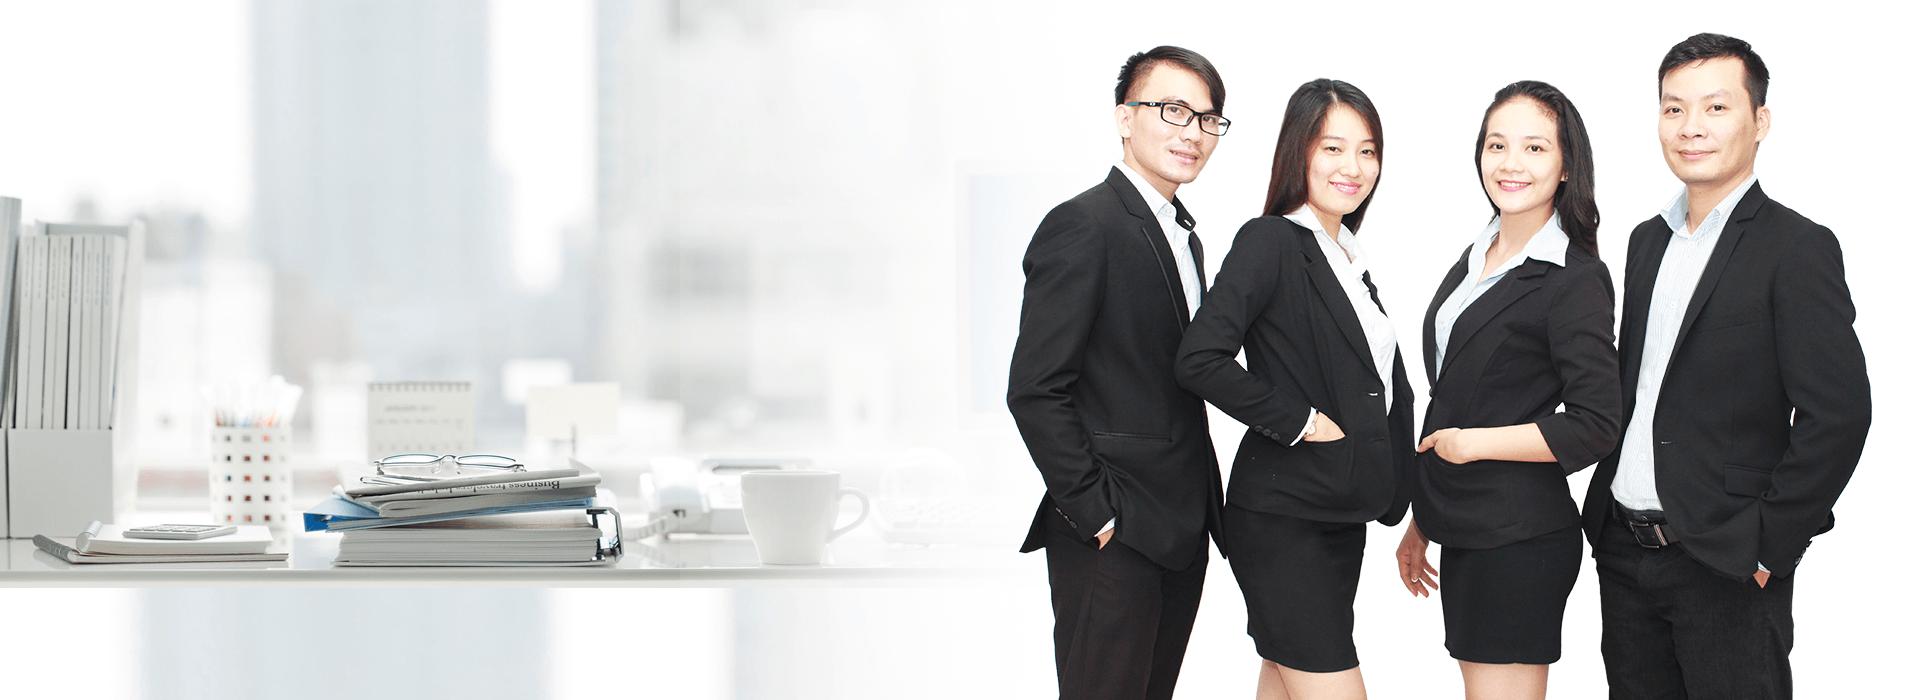 Hãy chăm chút cho ngoại hình của mình khi tham gia ứng tuyển vị trí nhân viên kinh doanh.